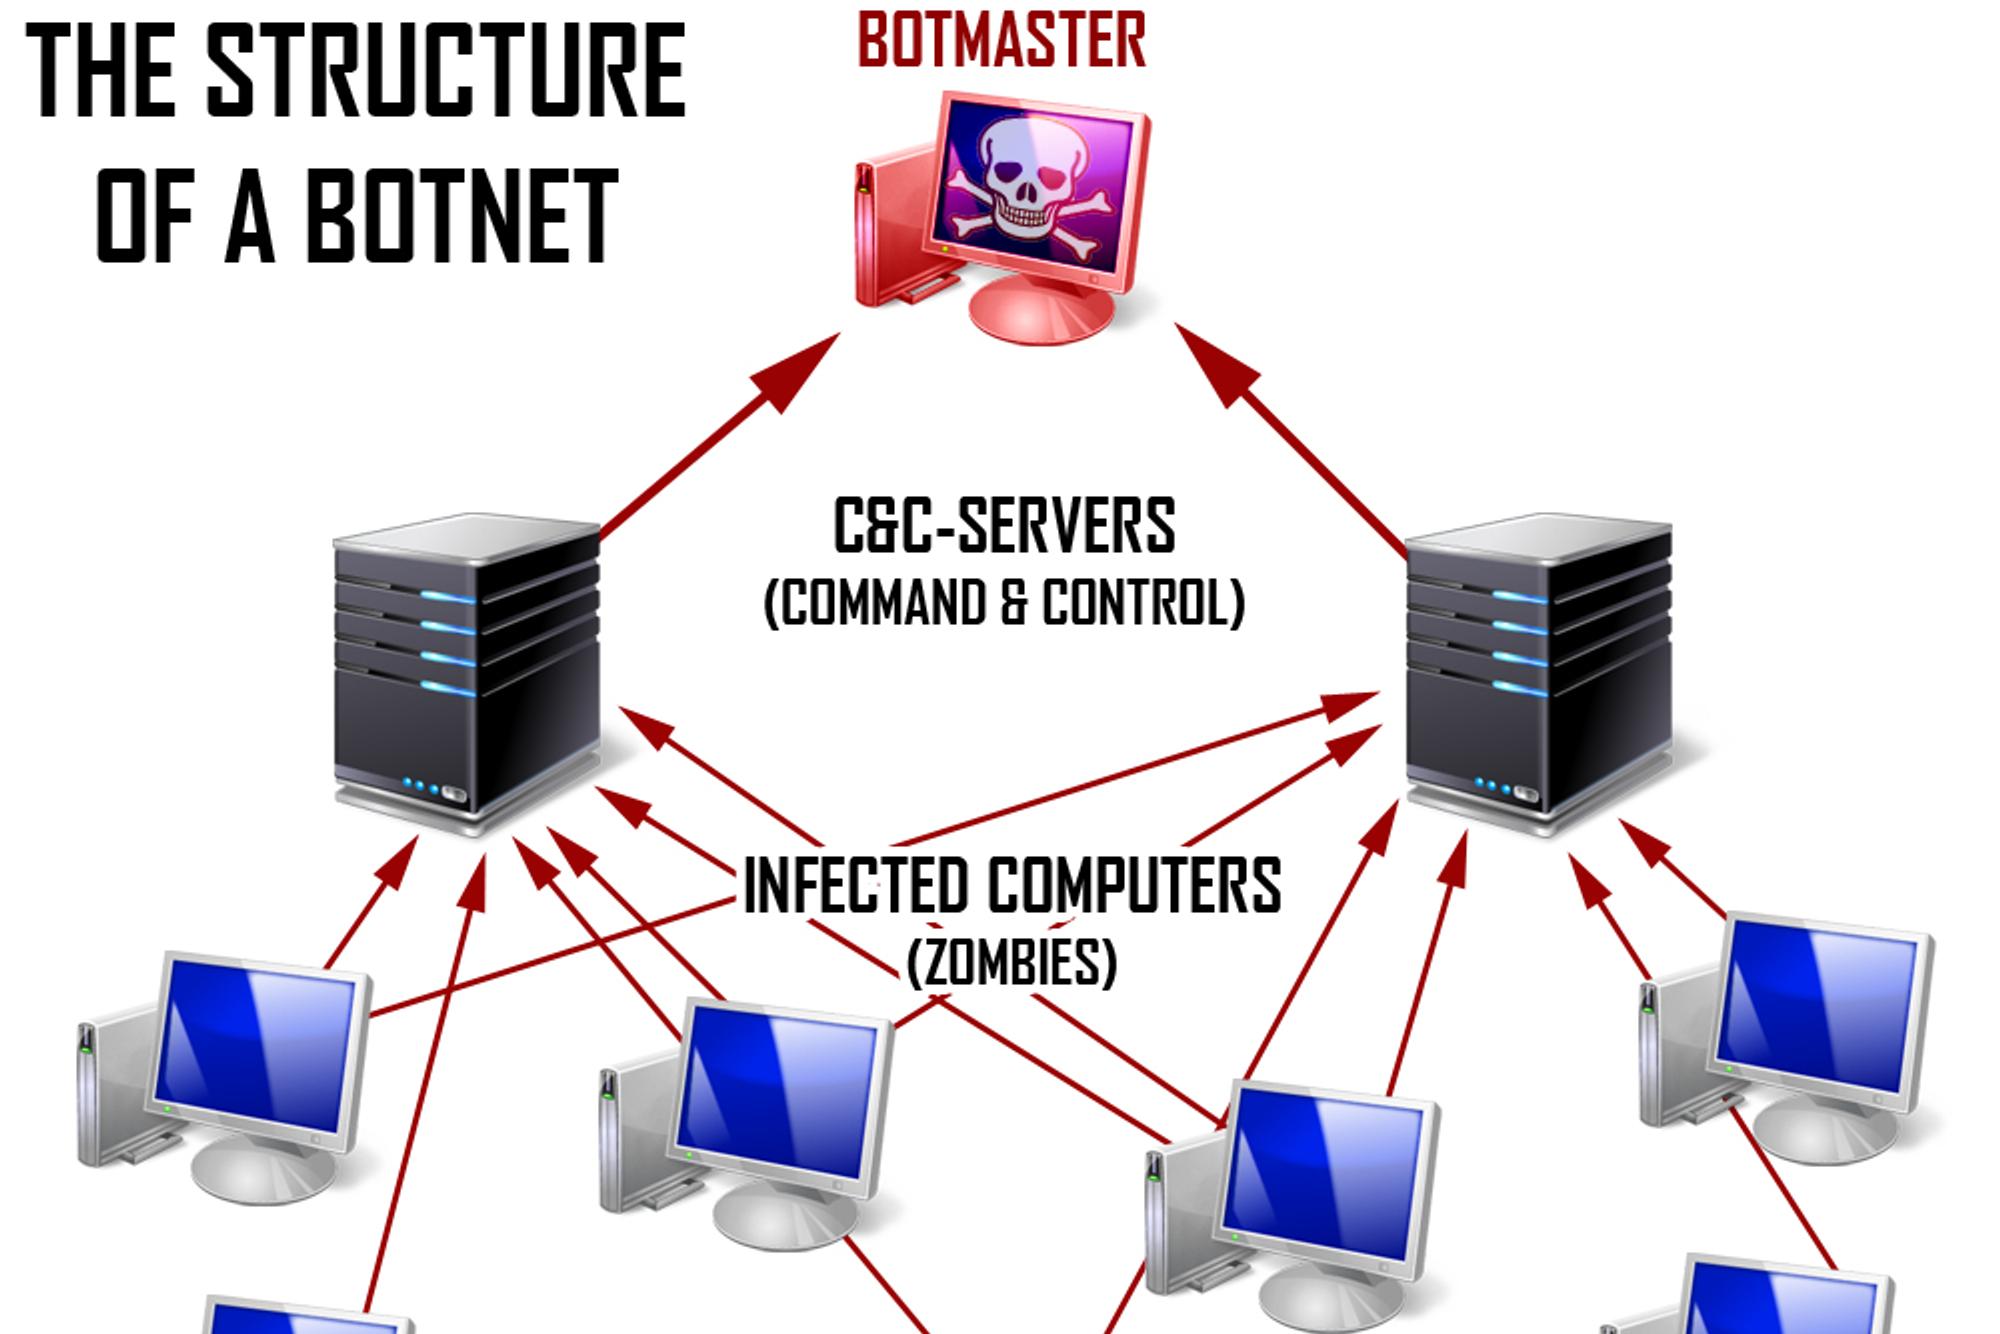 Belorossov skal ha kontrollert et såkalt botnett bestående av rundt syv tusen infiserte datamaskiner.